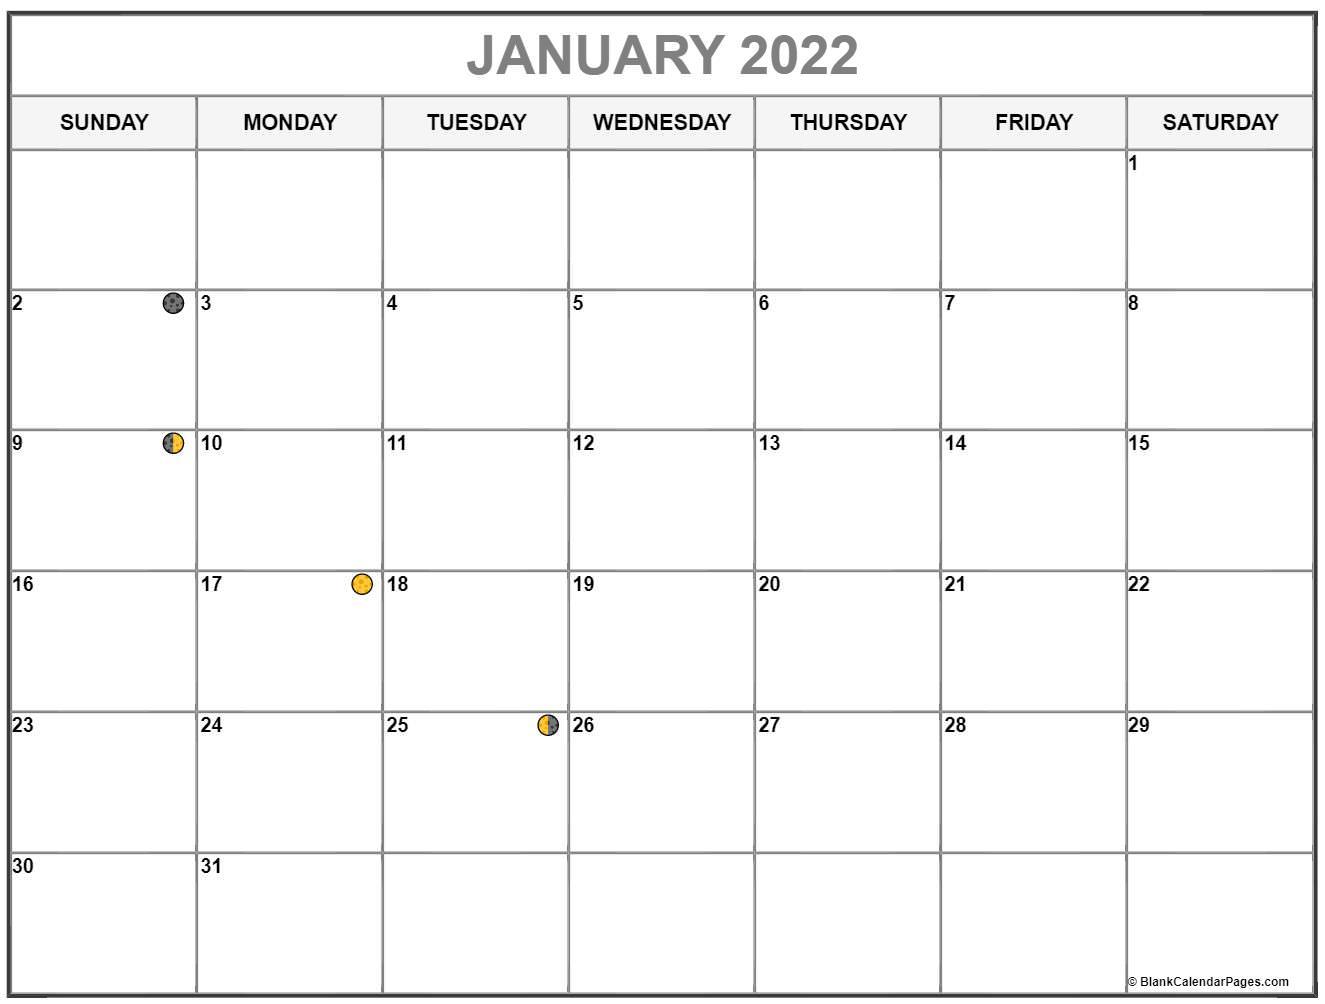 January 2022 Lunar Calendar | Moon Phase Calendar Inside Blank January 2022 Calendar